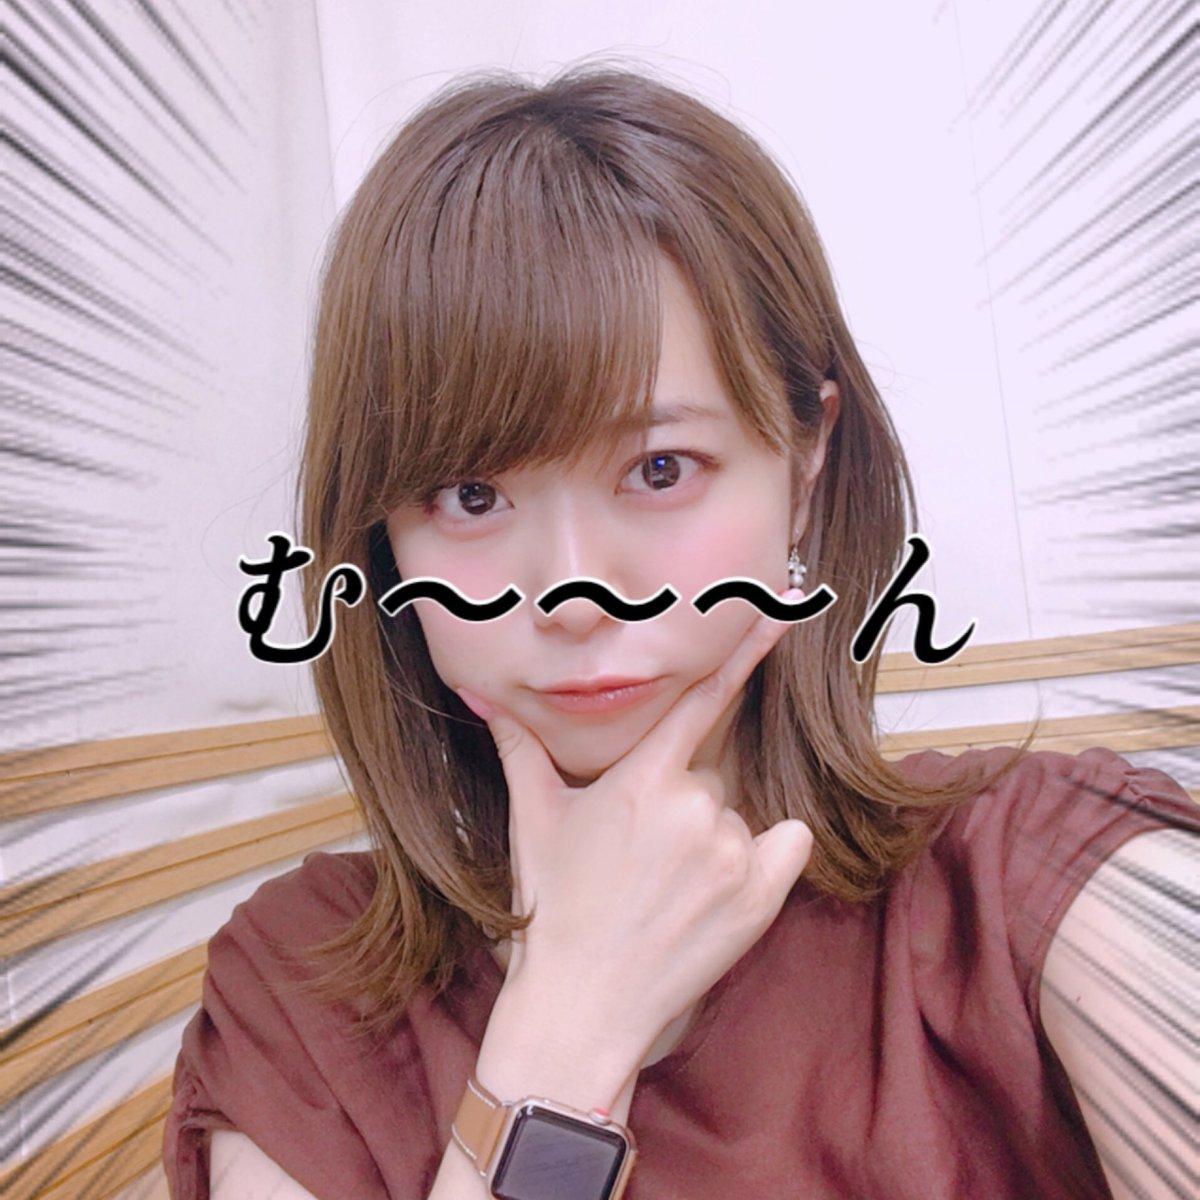 (ゆ)な!ま!ほ!う!そ!う! 22時からよ〜〜🌟 む〜〜〜〜〜〜〜〜〜〜〜ん🤪 #muuun #agqr #yukachi